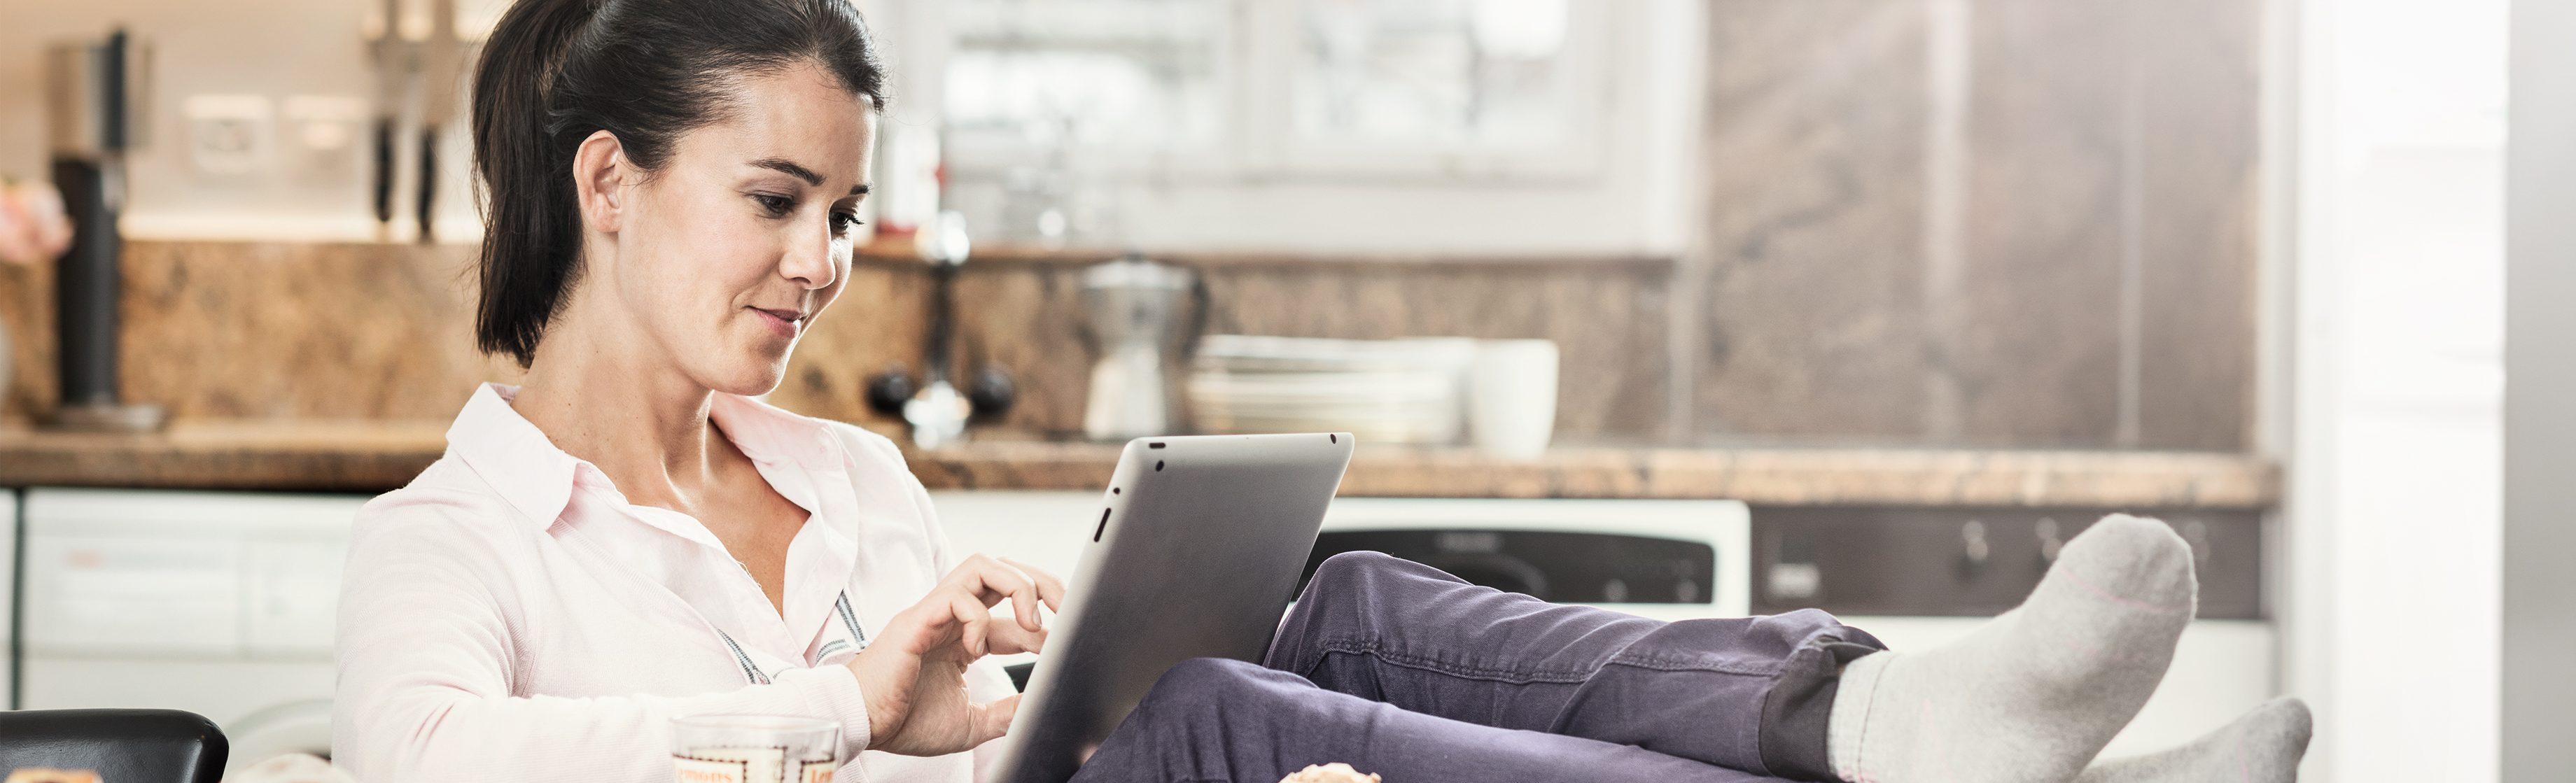 swiss life kontakt und swiss life service schnelle und. Black Bedroom Furniture Sets. Home Design Ideas